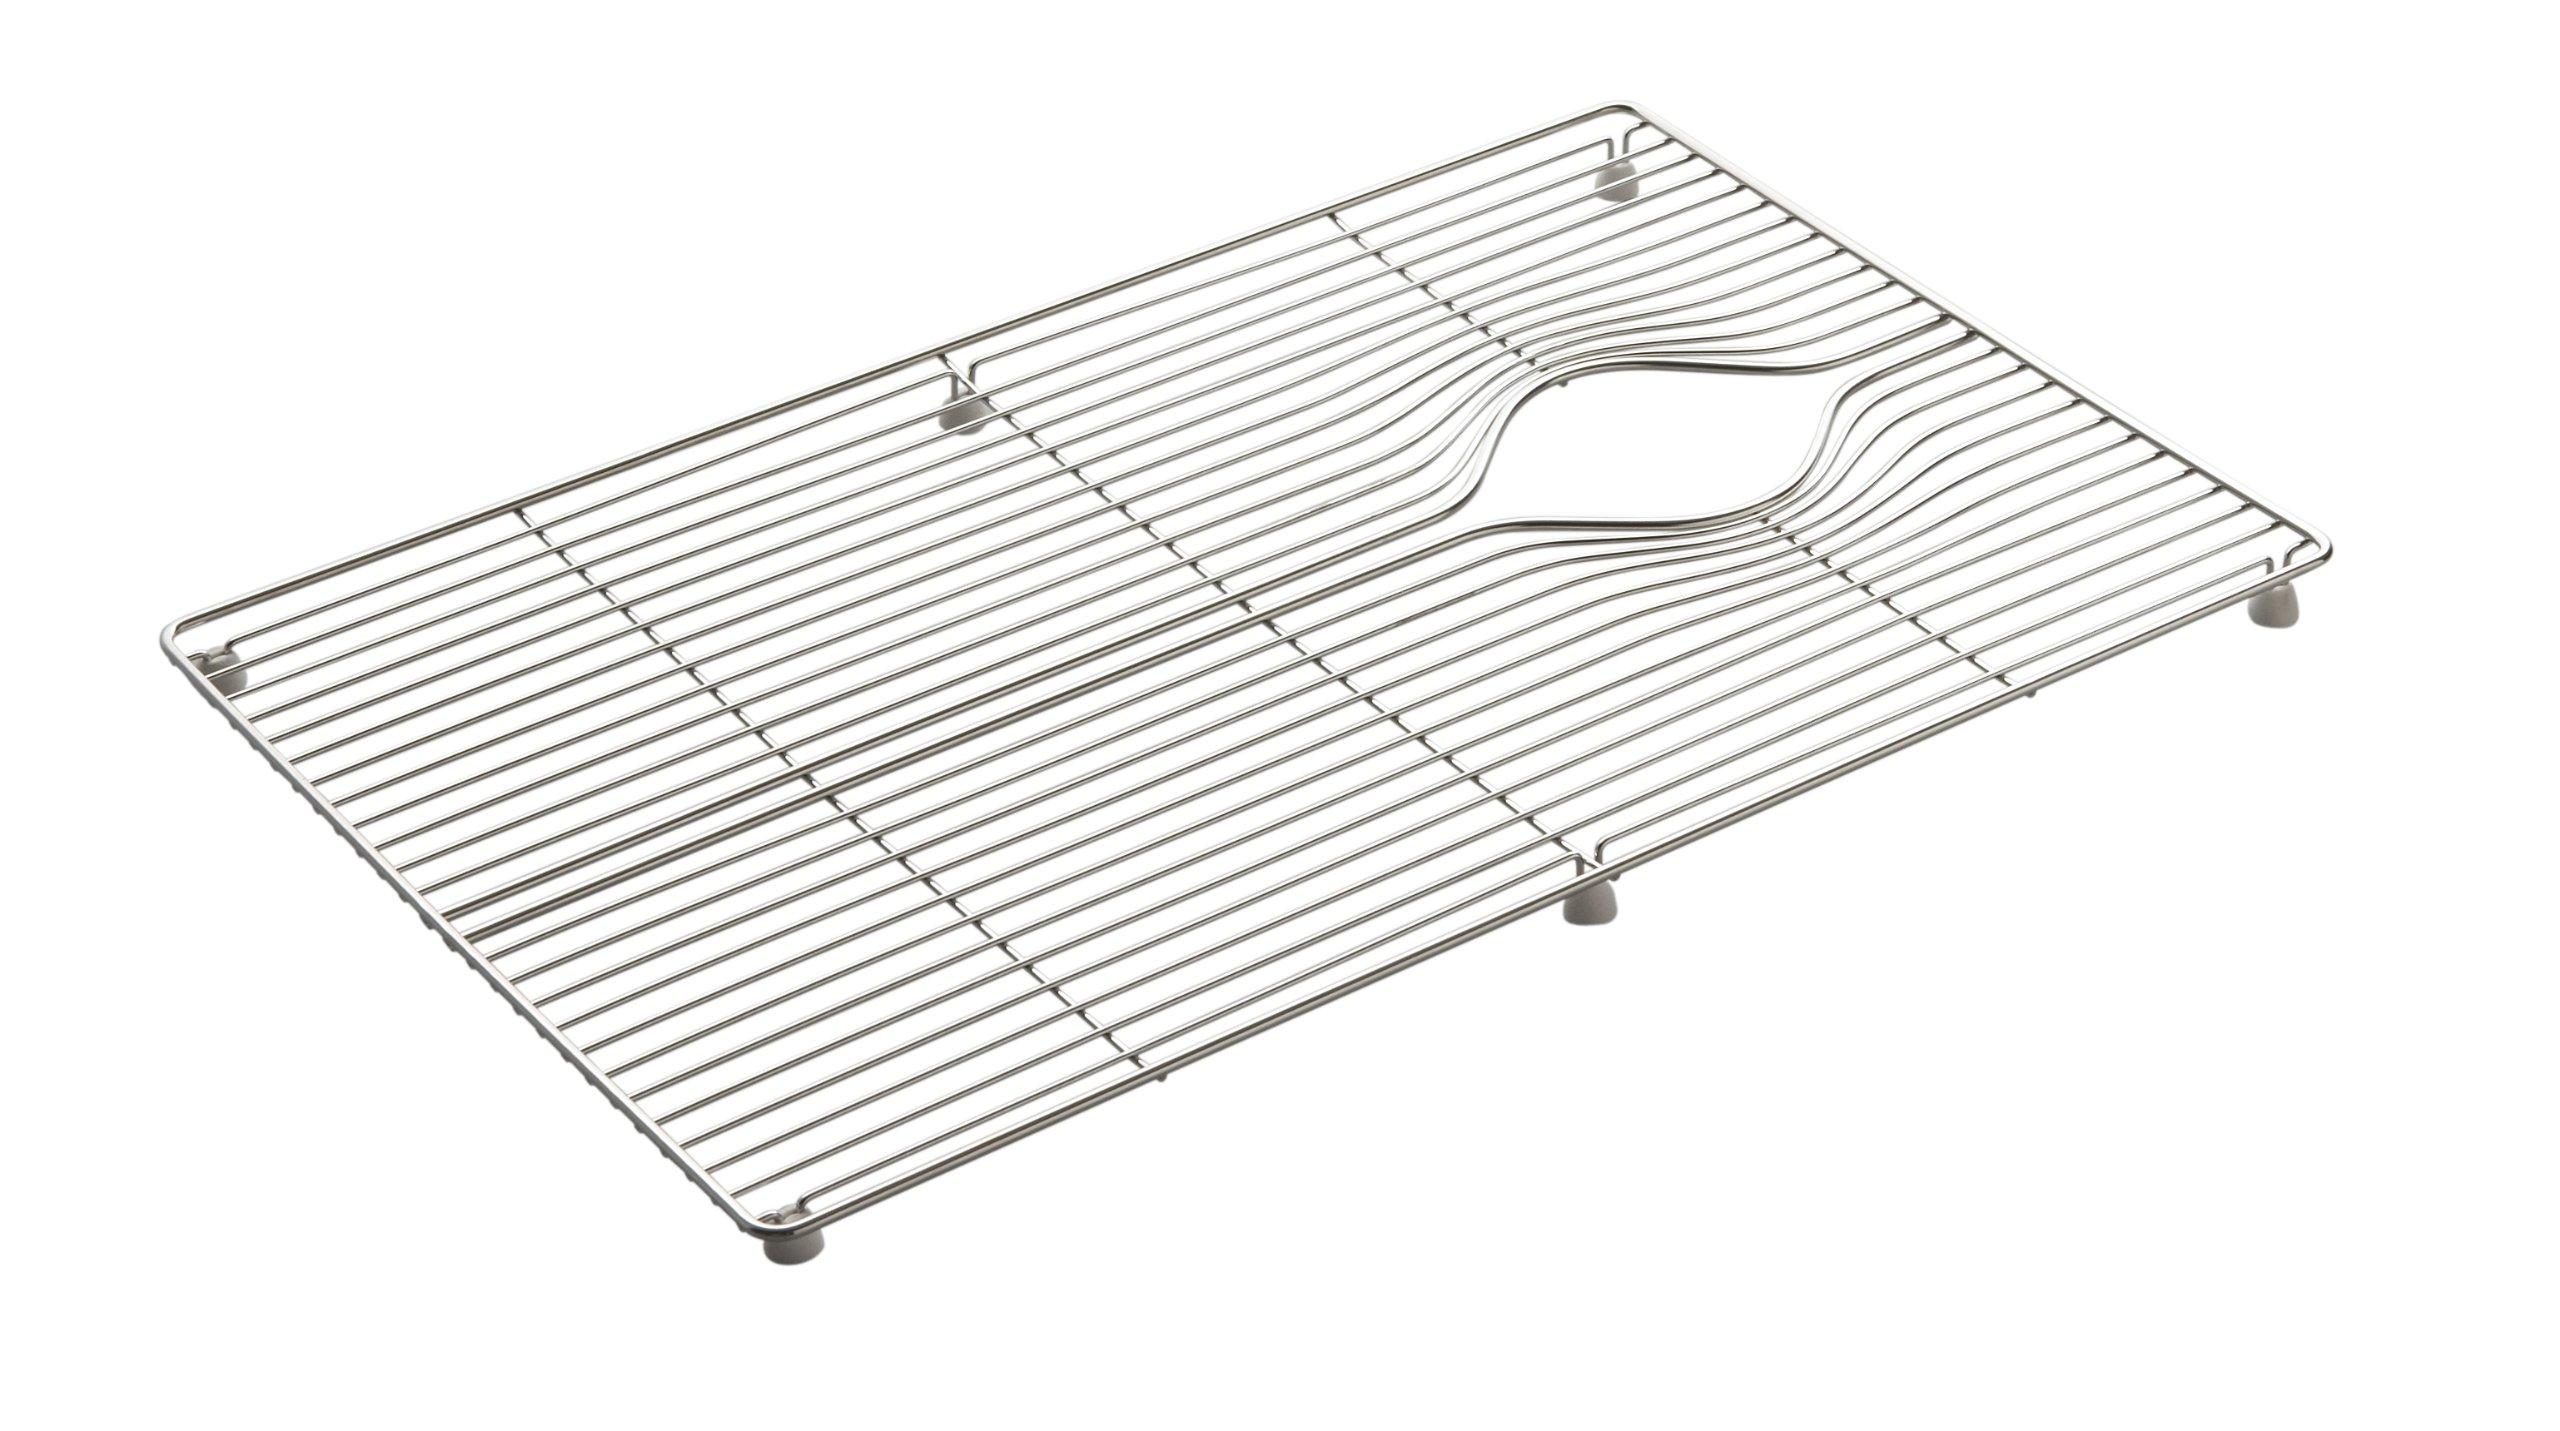 Kohler K-6129-ST Indio Bottom Basin Rack for Single Basin, Stainless Steel